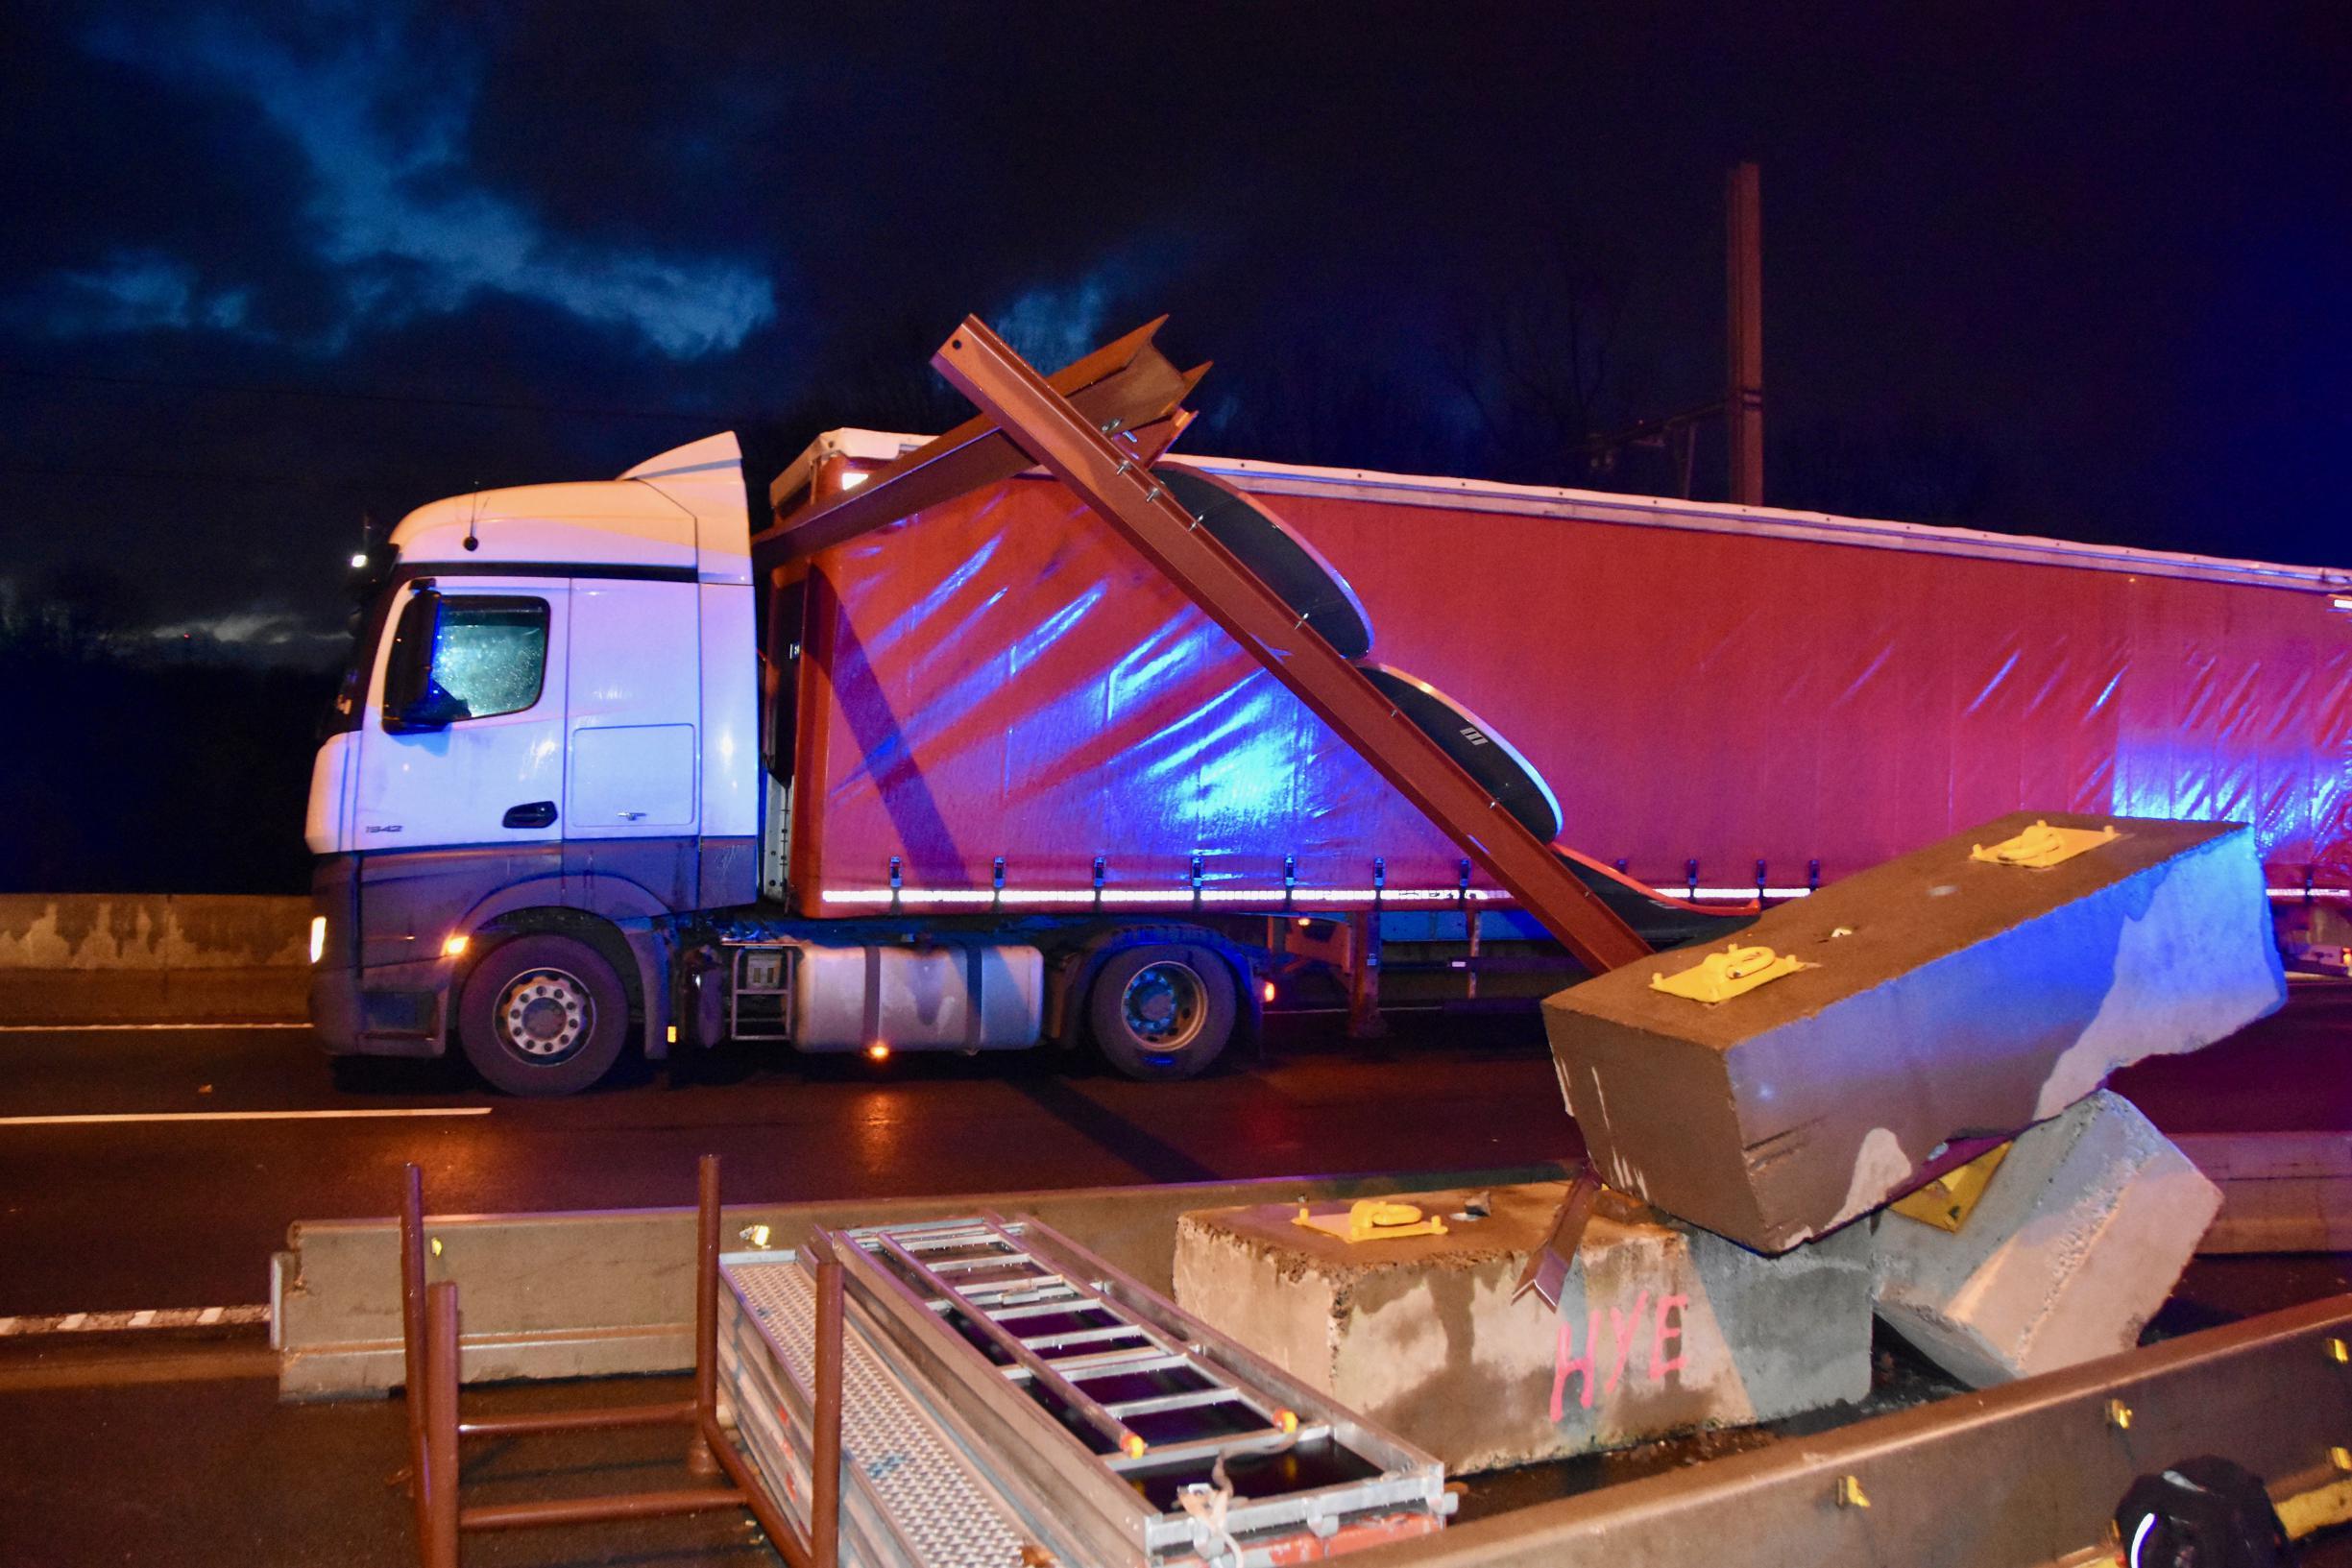 Geen hoogvlieger: constructie op brug alweer stukgereden door te hoge auto